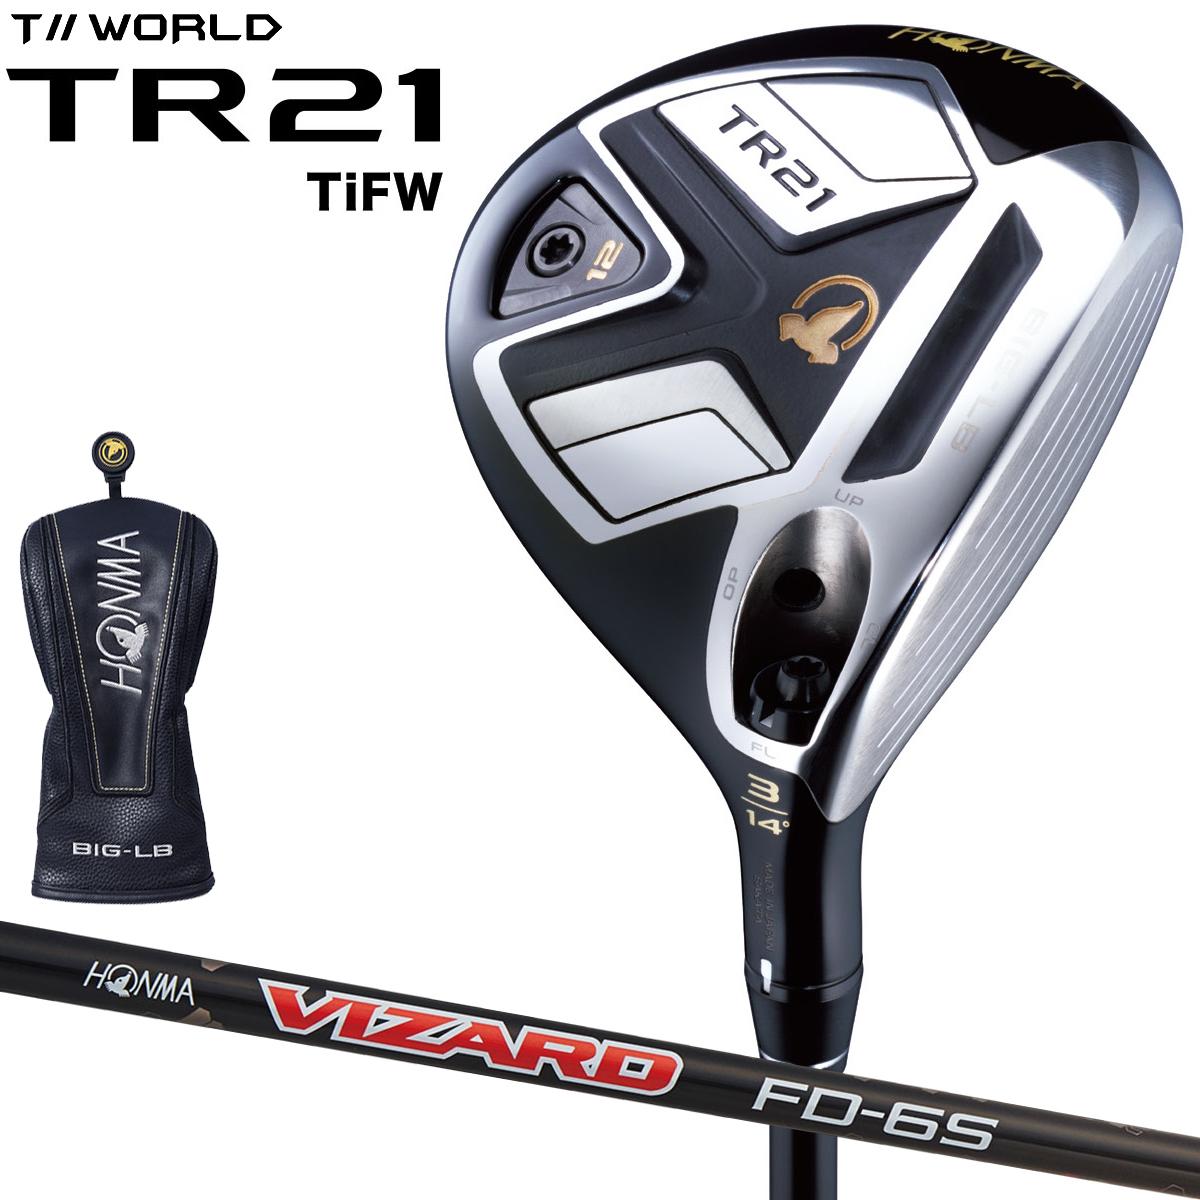 2020モデル TR21 T//WORLD(ツアーワールド) GOLF(本間ゴルフ)日本正規品 FD TiFW VIZARD HONMA カーボンシャフト チタンフェアウェイウッド